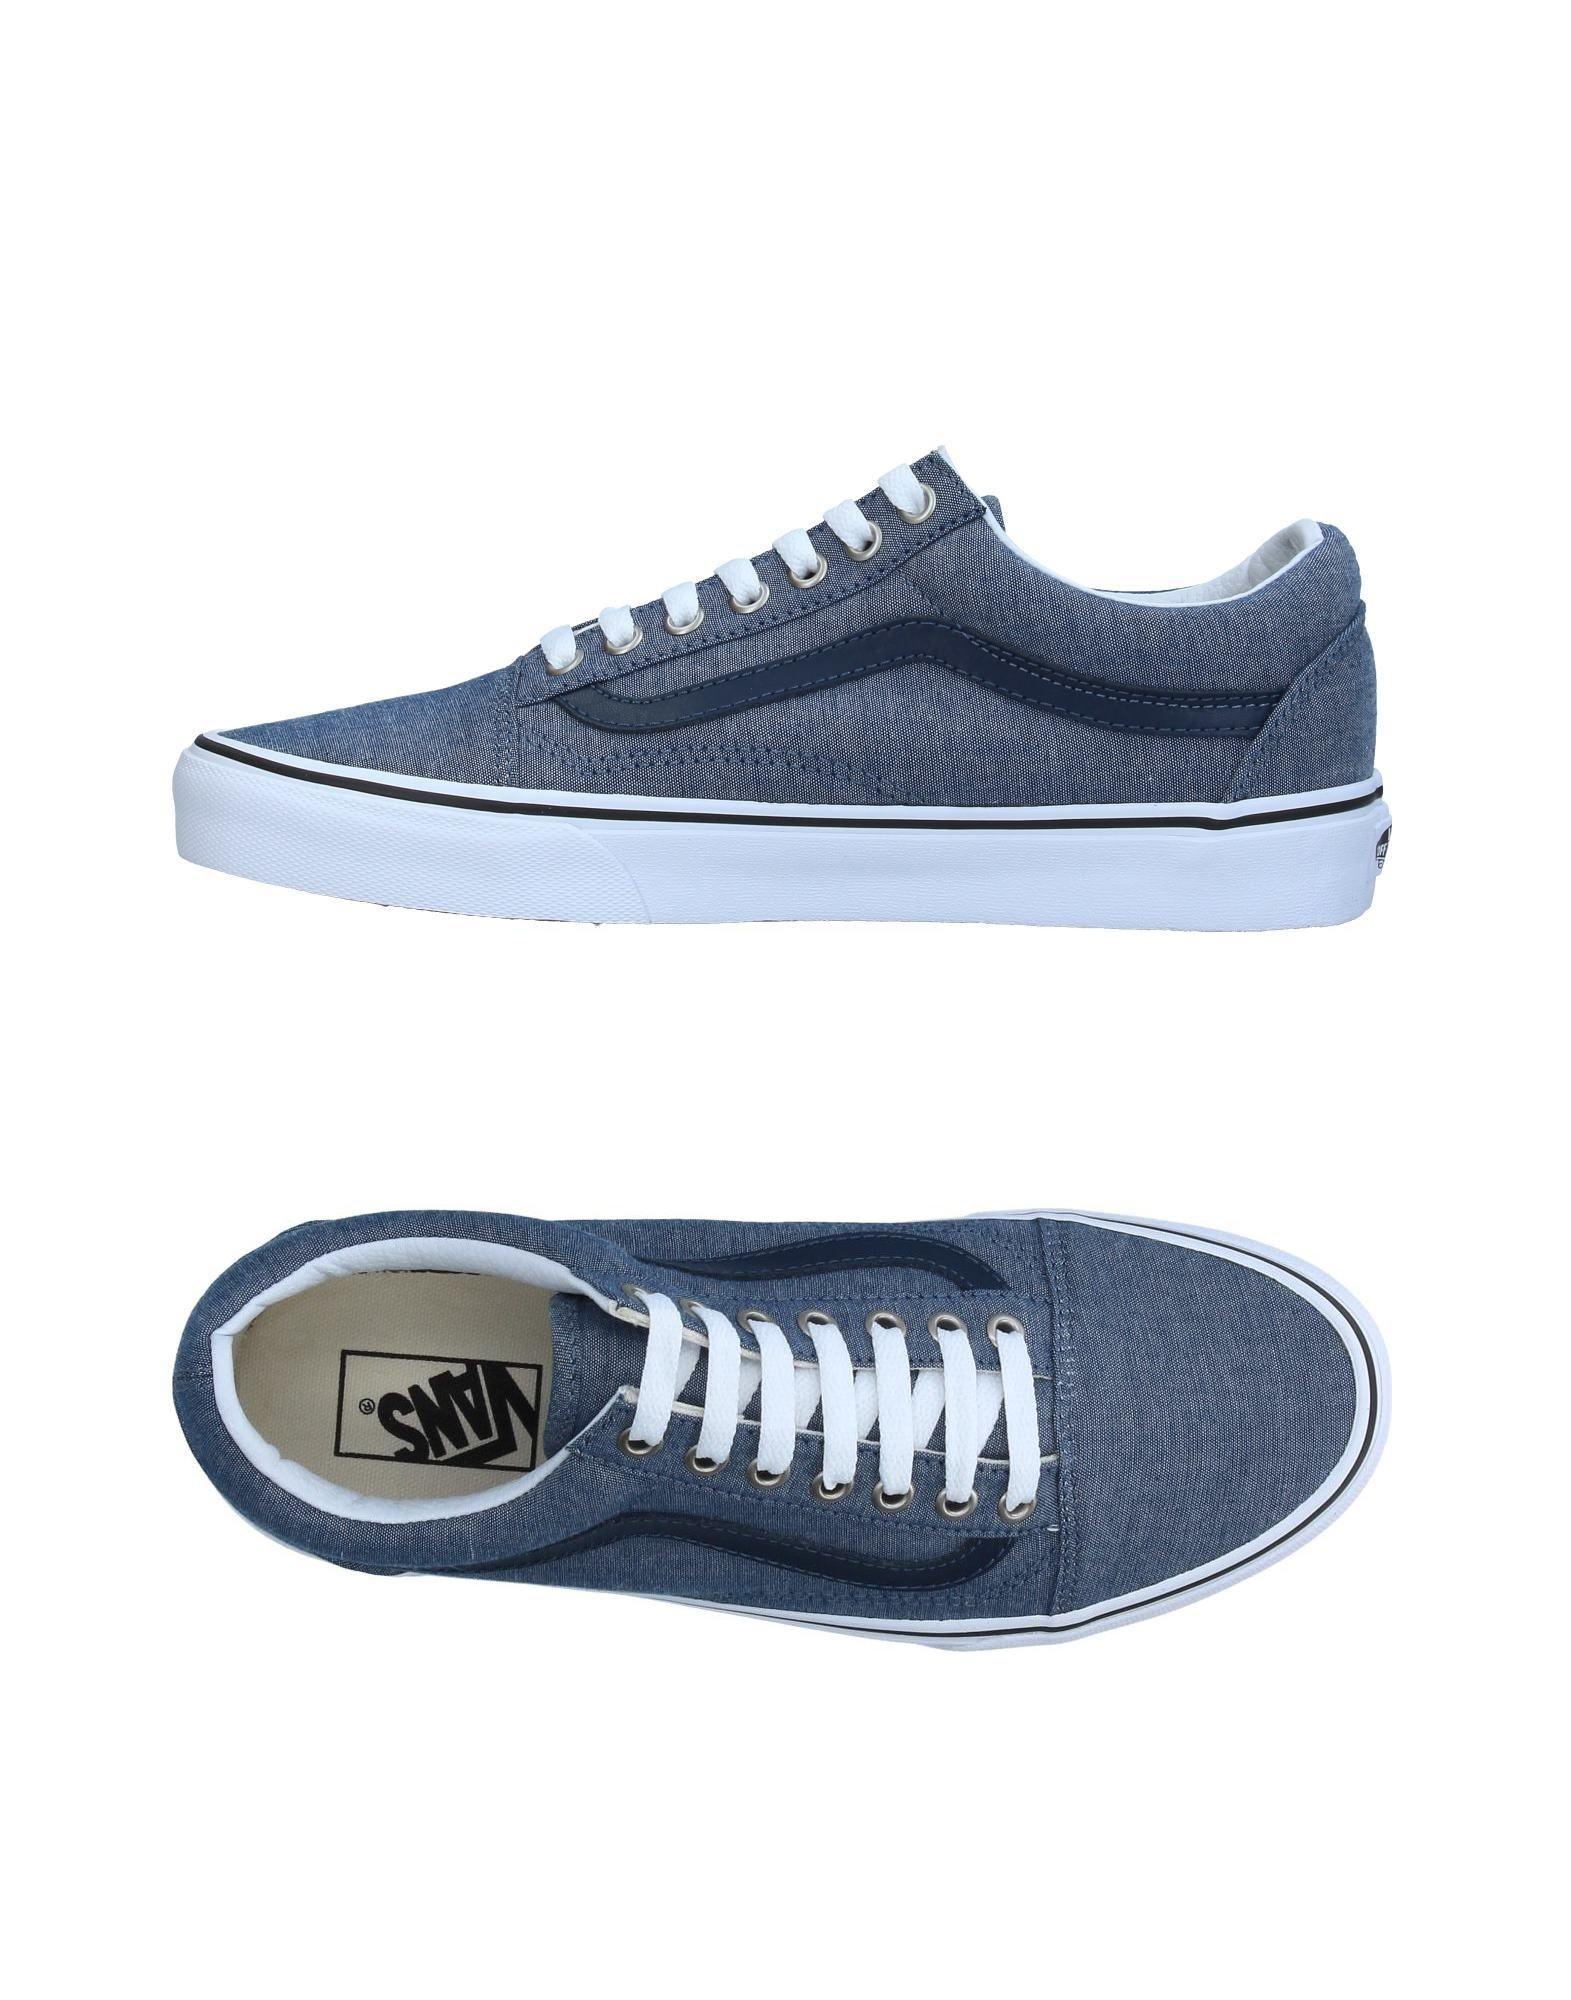 Vans Sneakers Herren  Schuhe 11354118LG Heiße Schuhe  3b0584